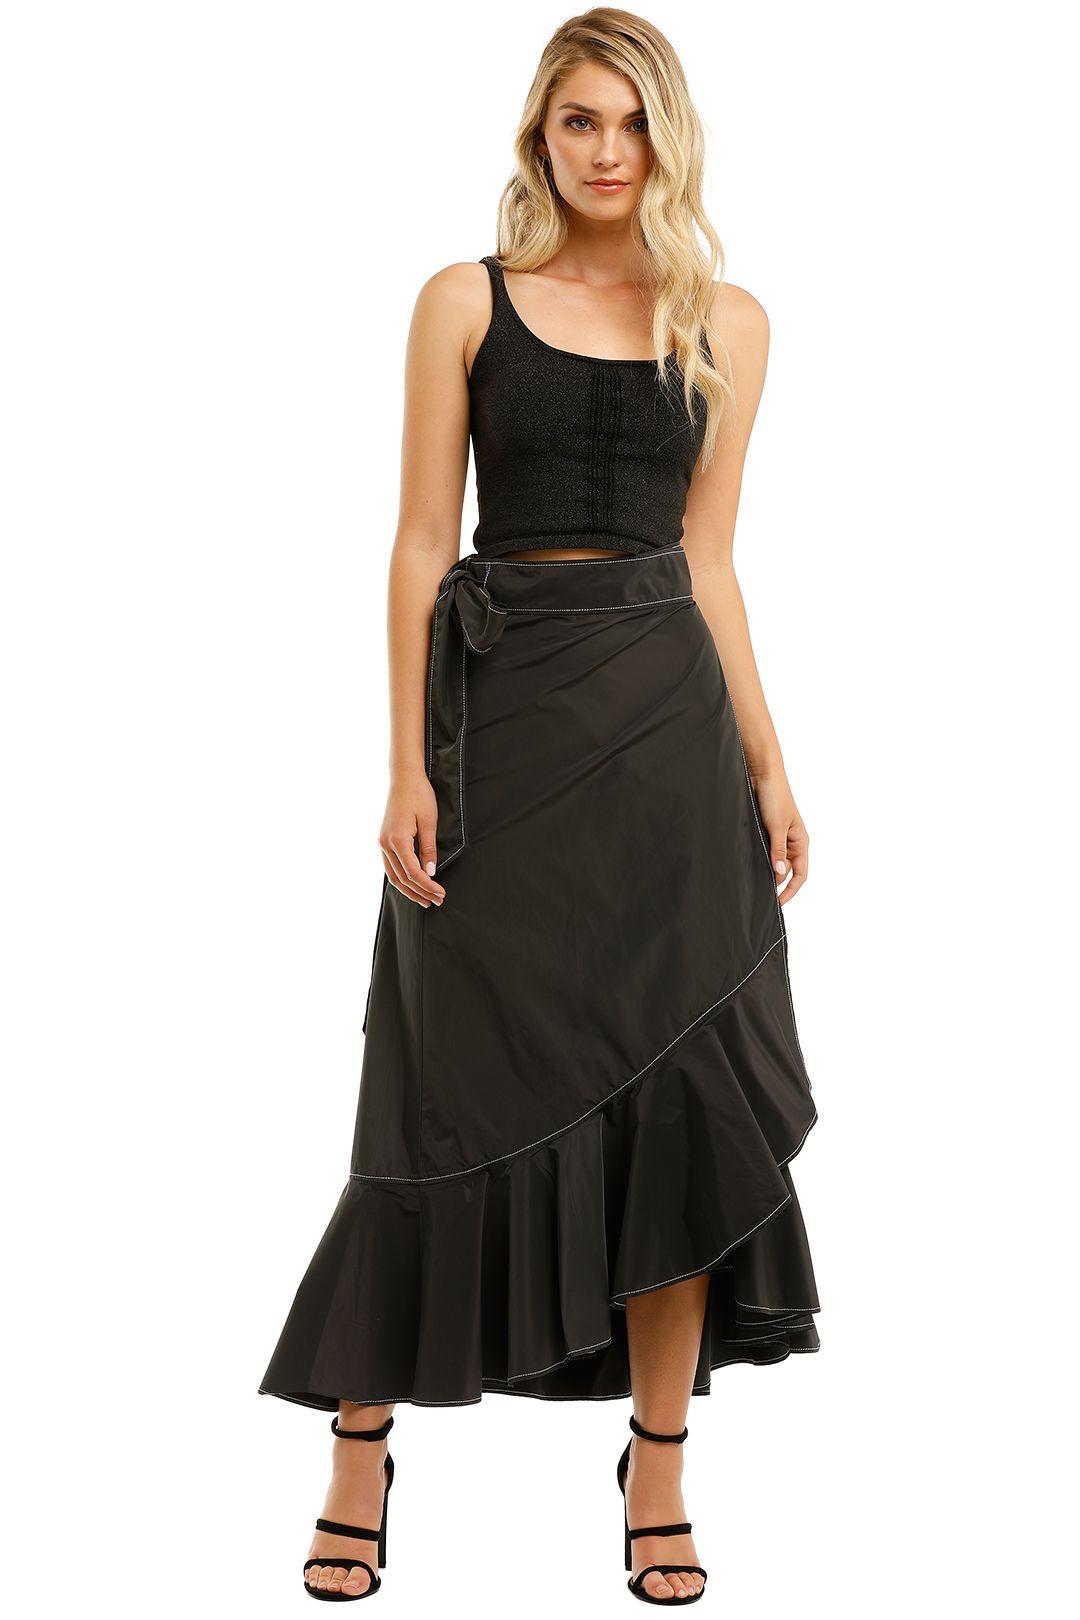 Ganni-Recycled-Long-Skirt-Phantom-Front